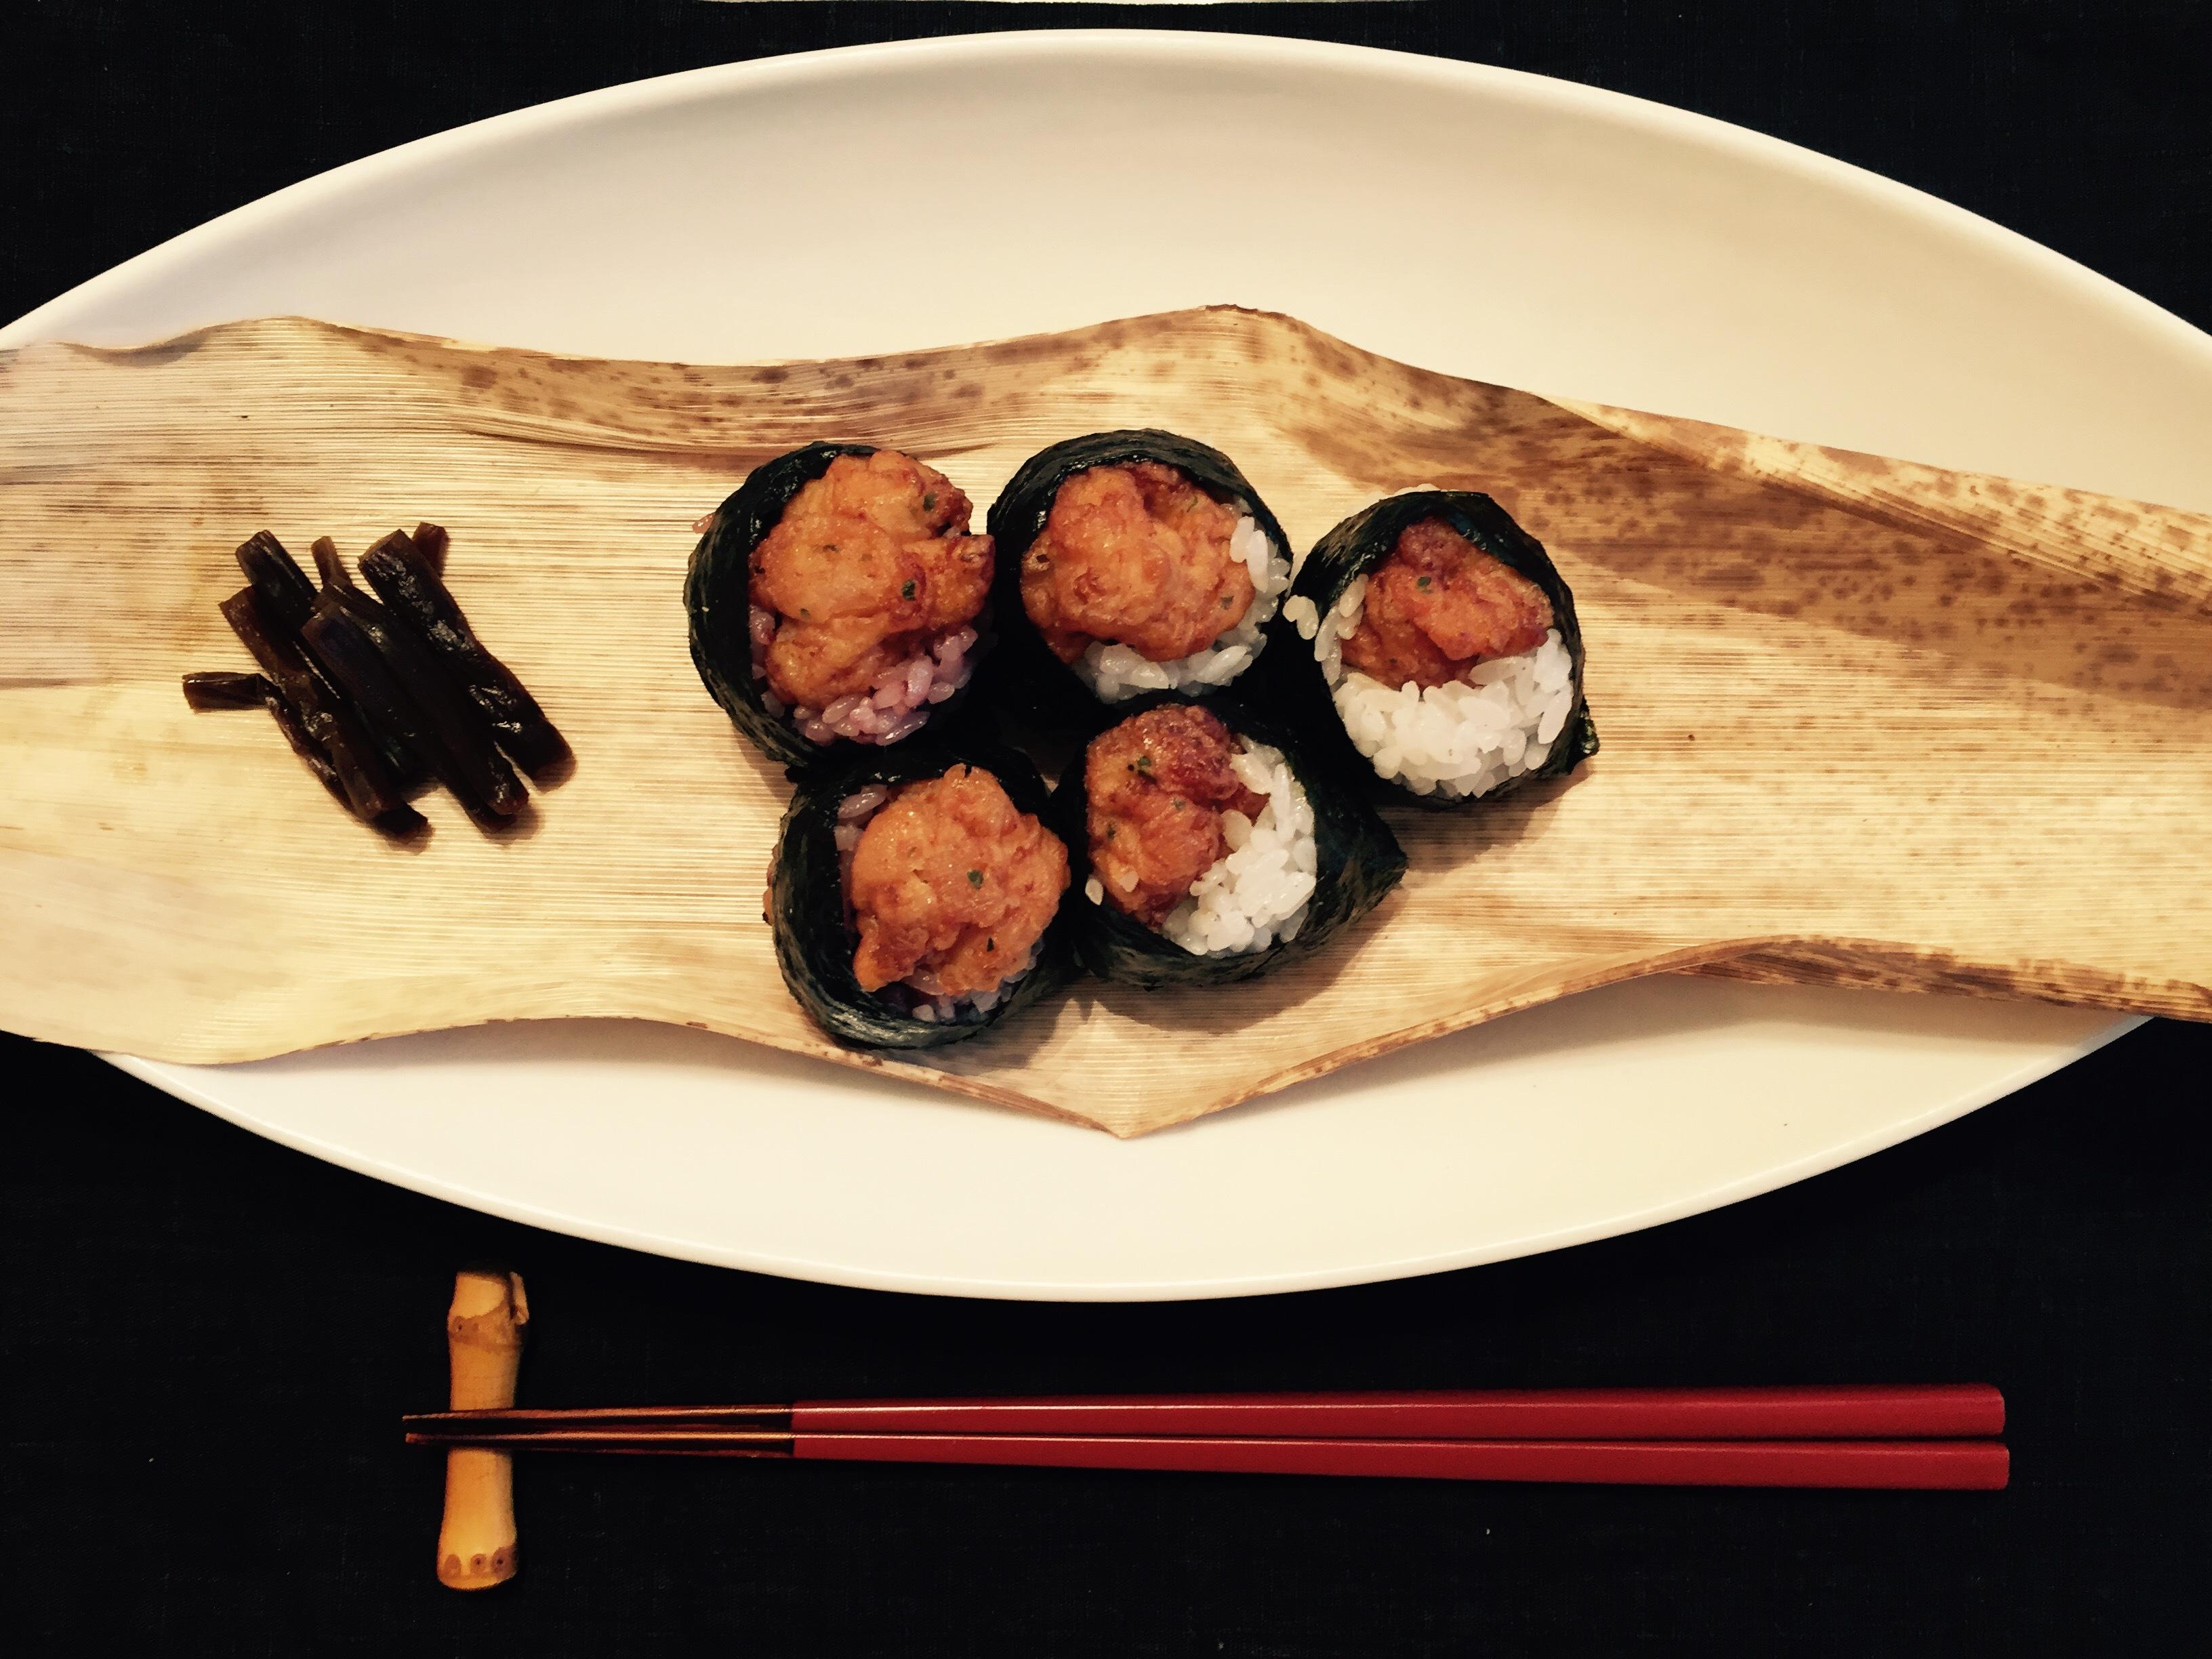 イチオシの名古屋土産・フワフワ生麩饅頭と大好きな名古屋メシ♪_1_2